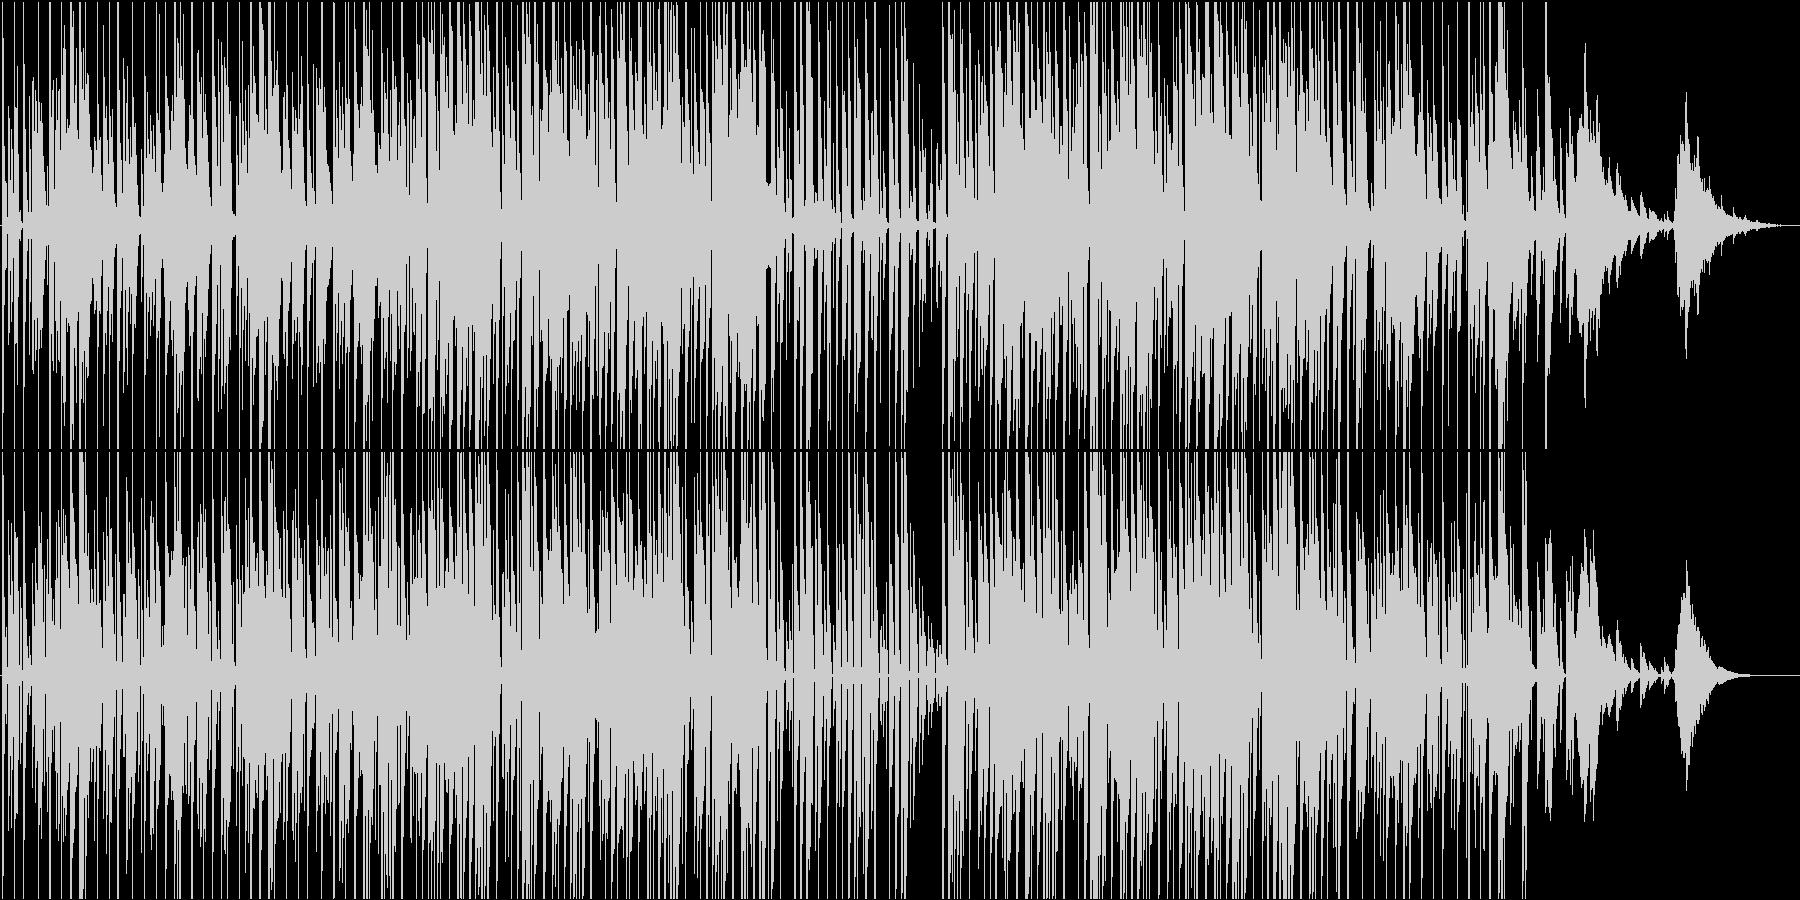 説明、紹介などのテーマ。ミニマル電子音楽の未再生の波形